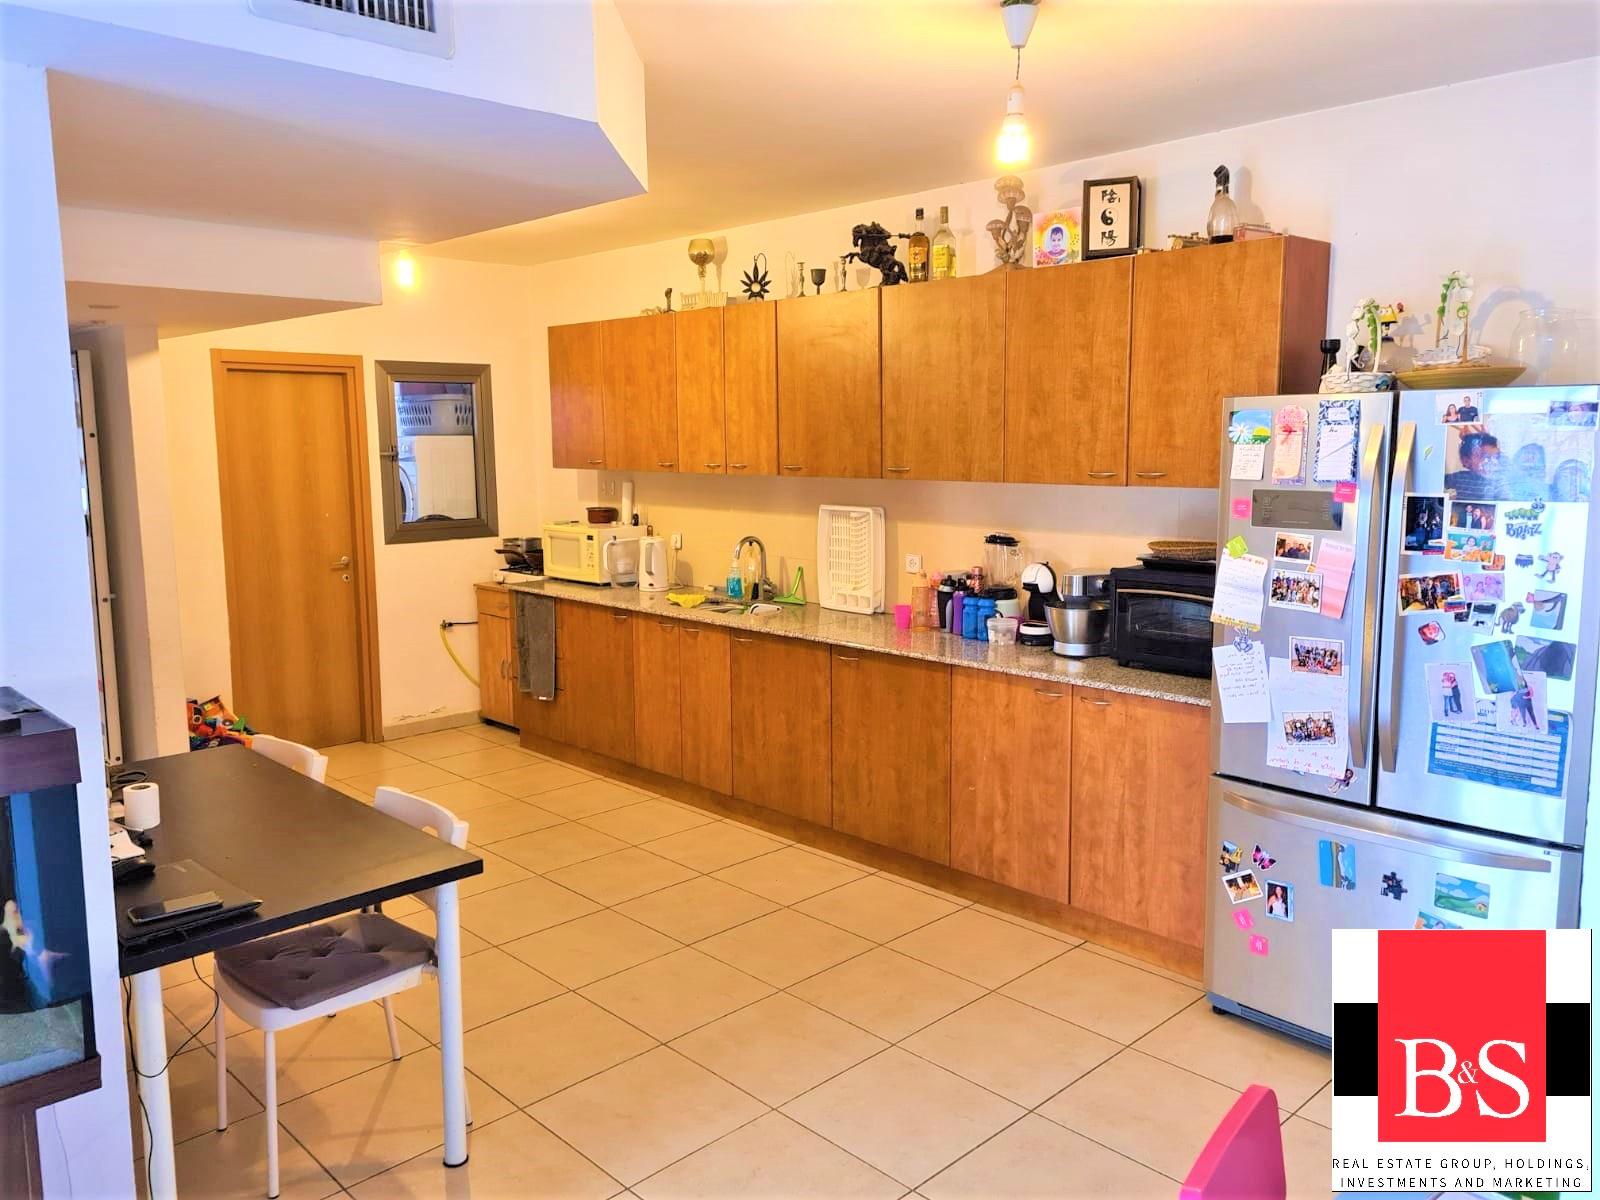 דירת 5 חדרים ביהודה פרח, פרוייקט נבו